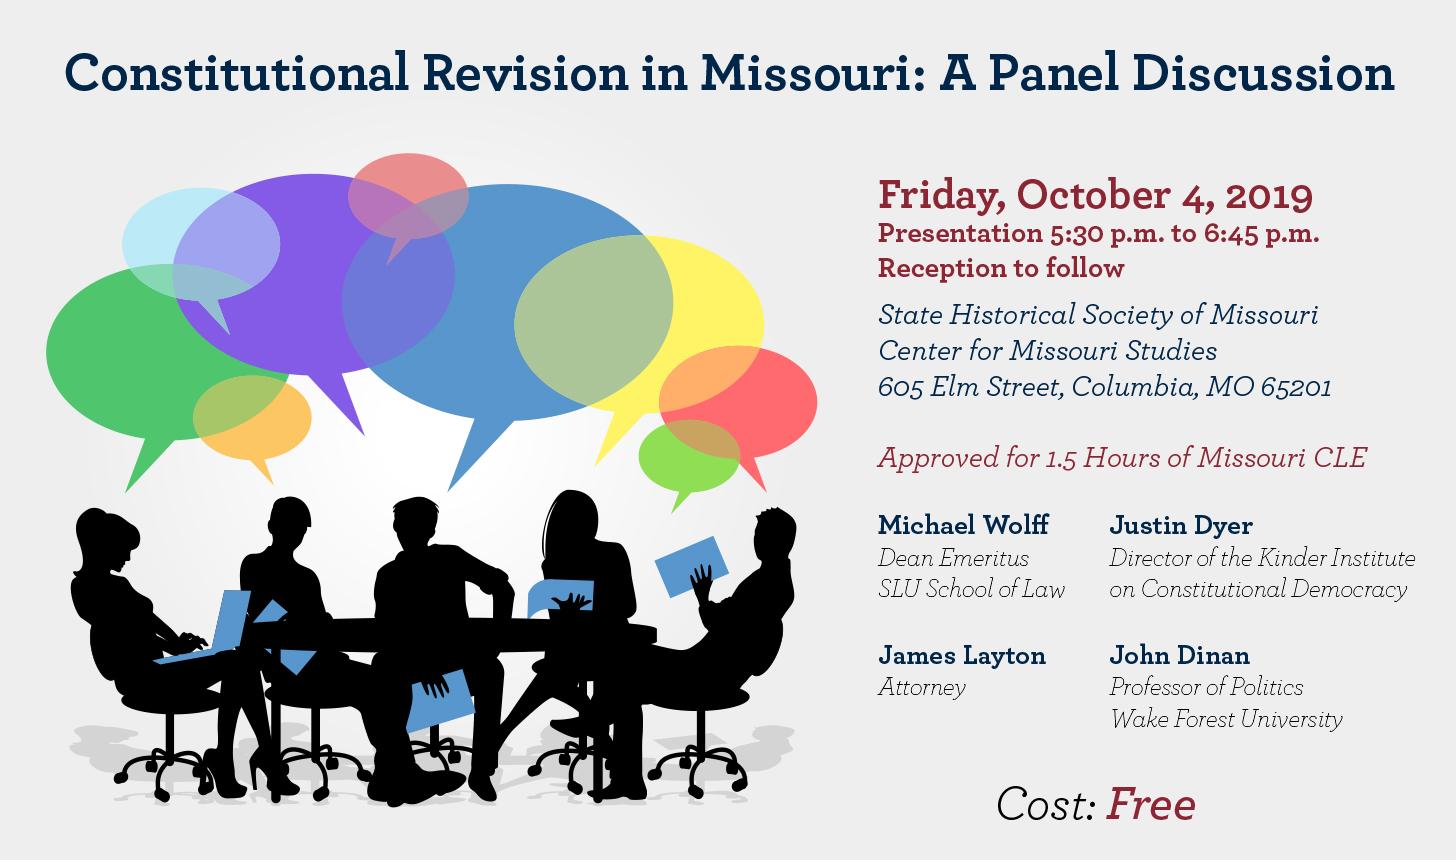 Constitutional Revision in Missouri